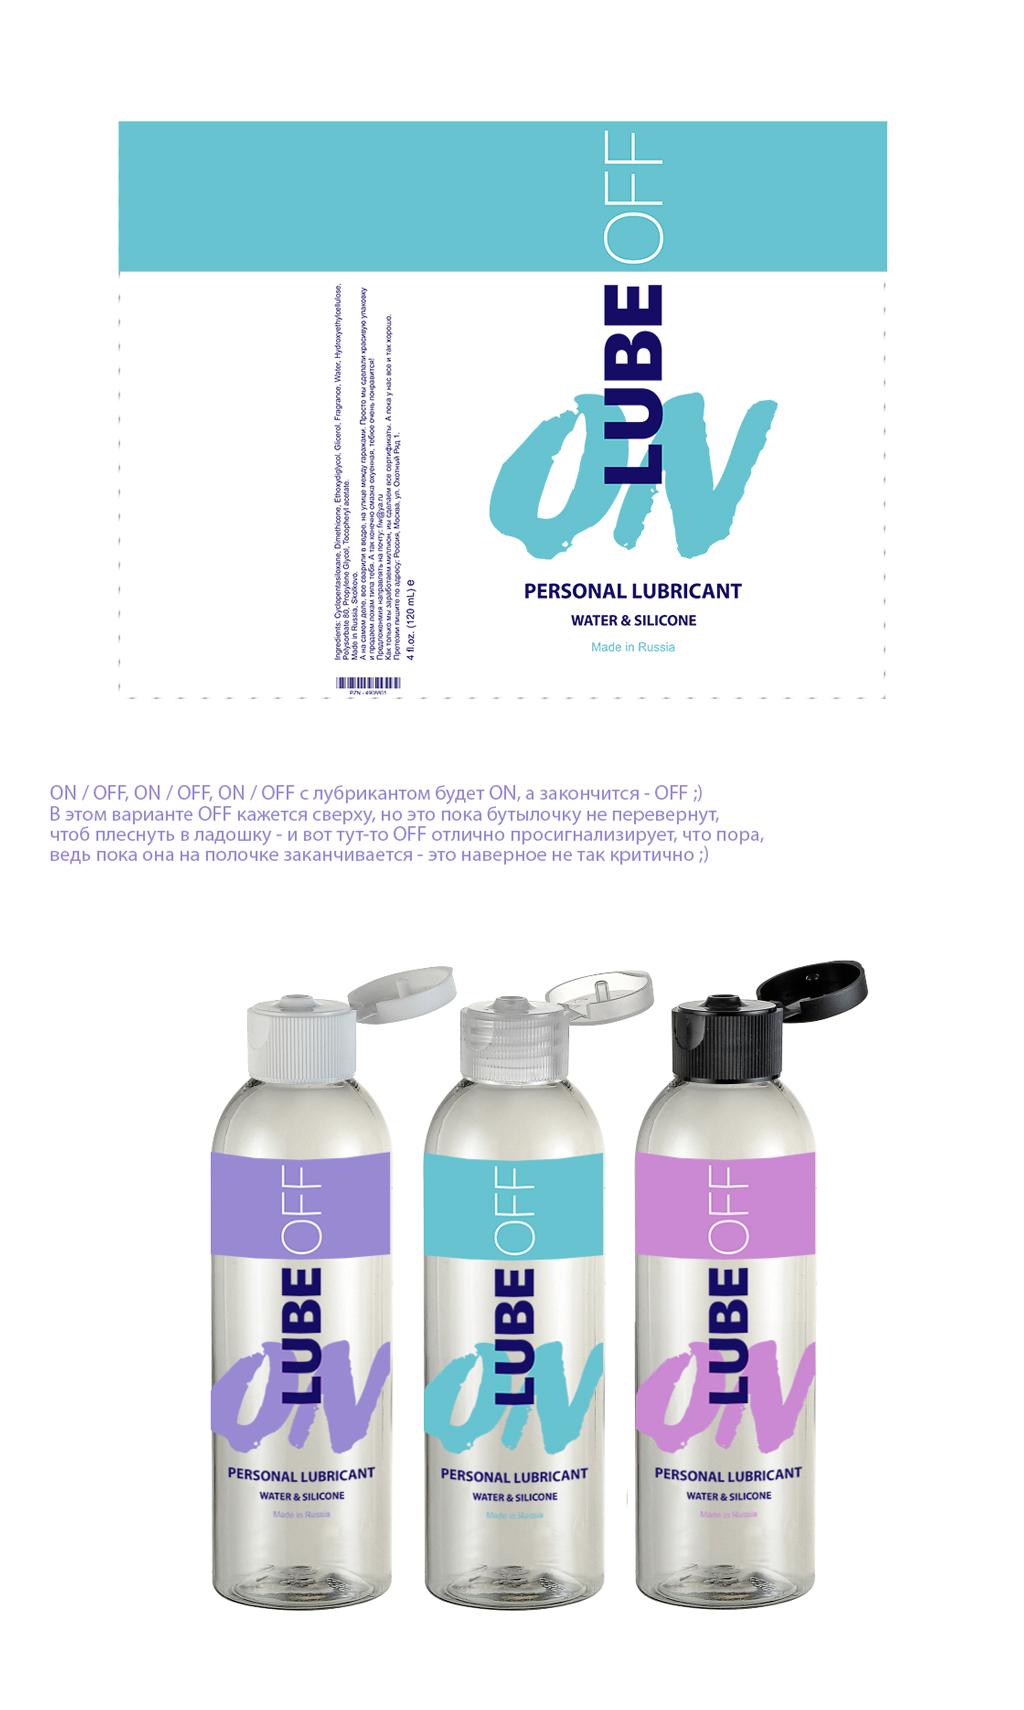 Разработка этикетки интимного геля смазки + брендбук. фото f_70458642ea84fddb.jpg